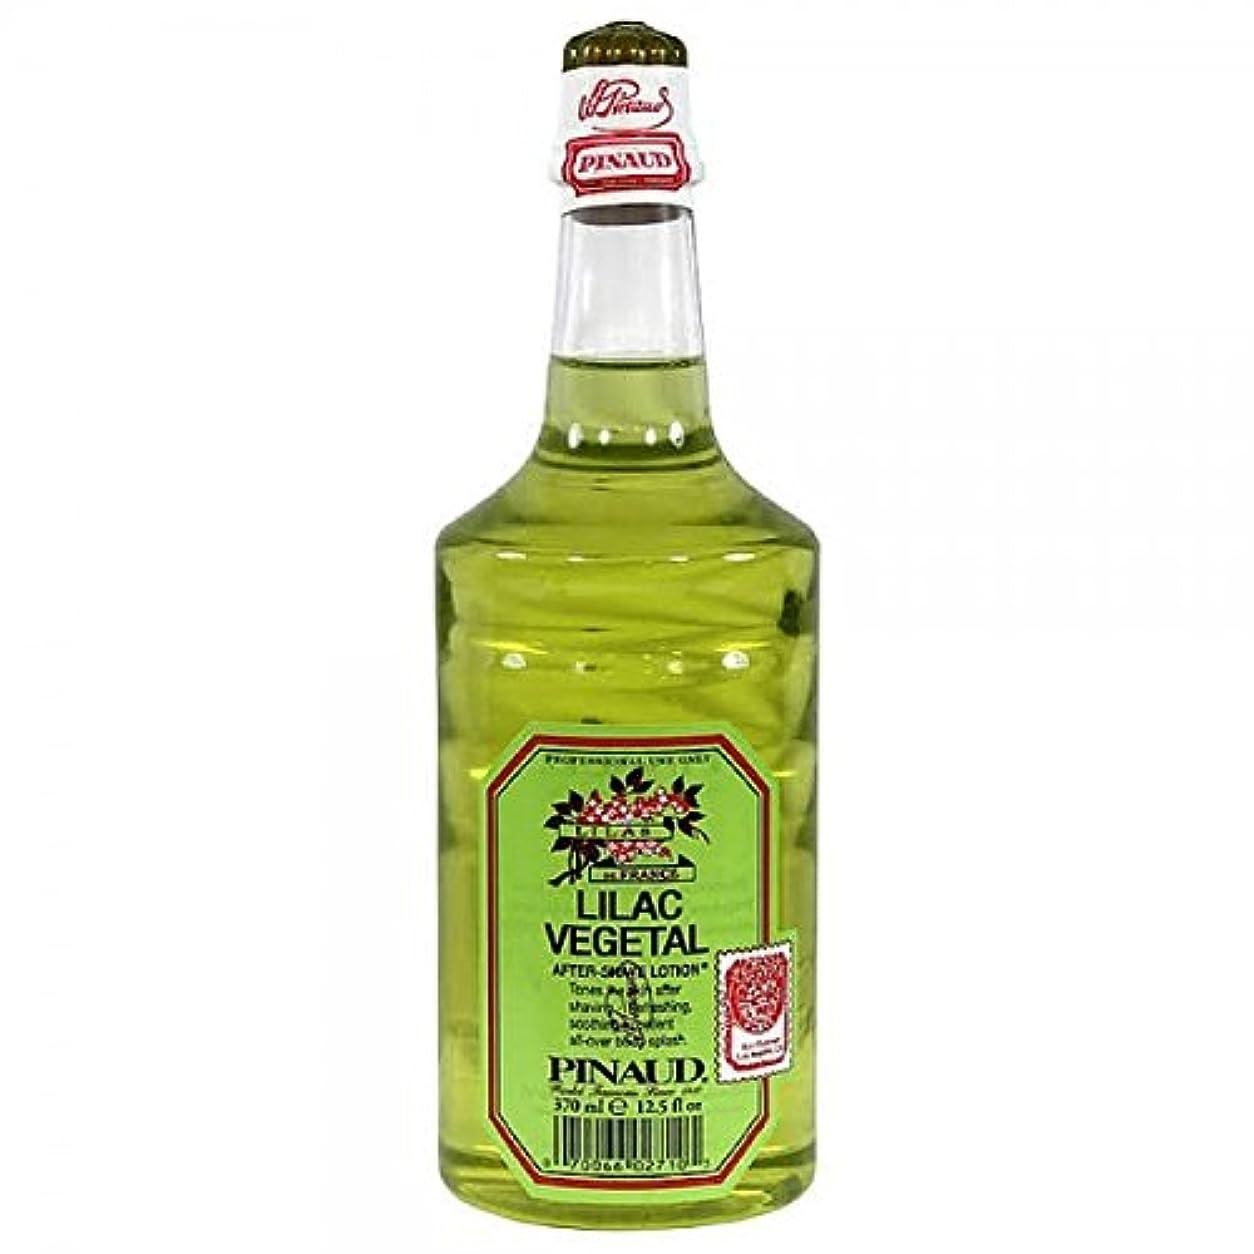 実験室凝視起きている(3 Pack) CLUBMAN Lilac Vegetal After Shave Lotion, 12.5 oz (並行輸入品)